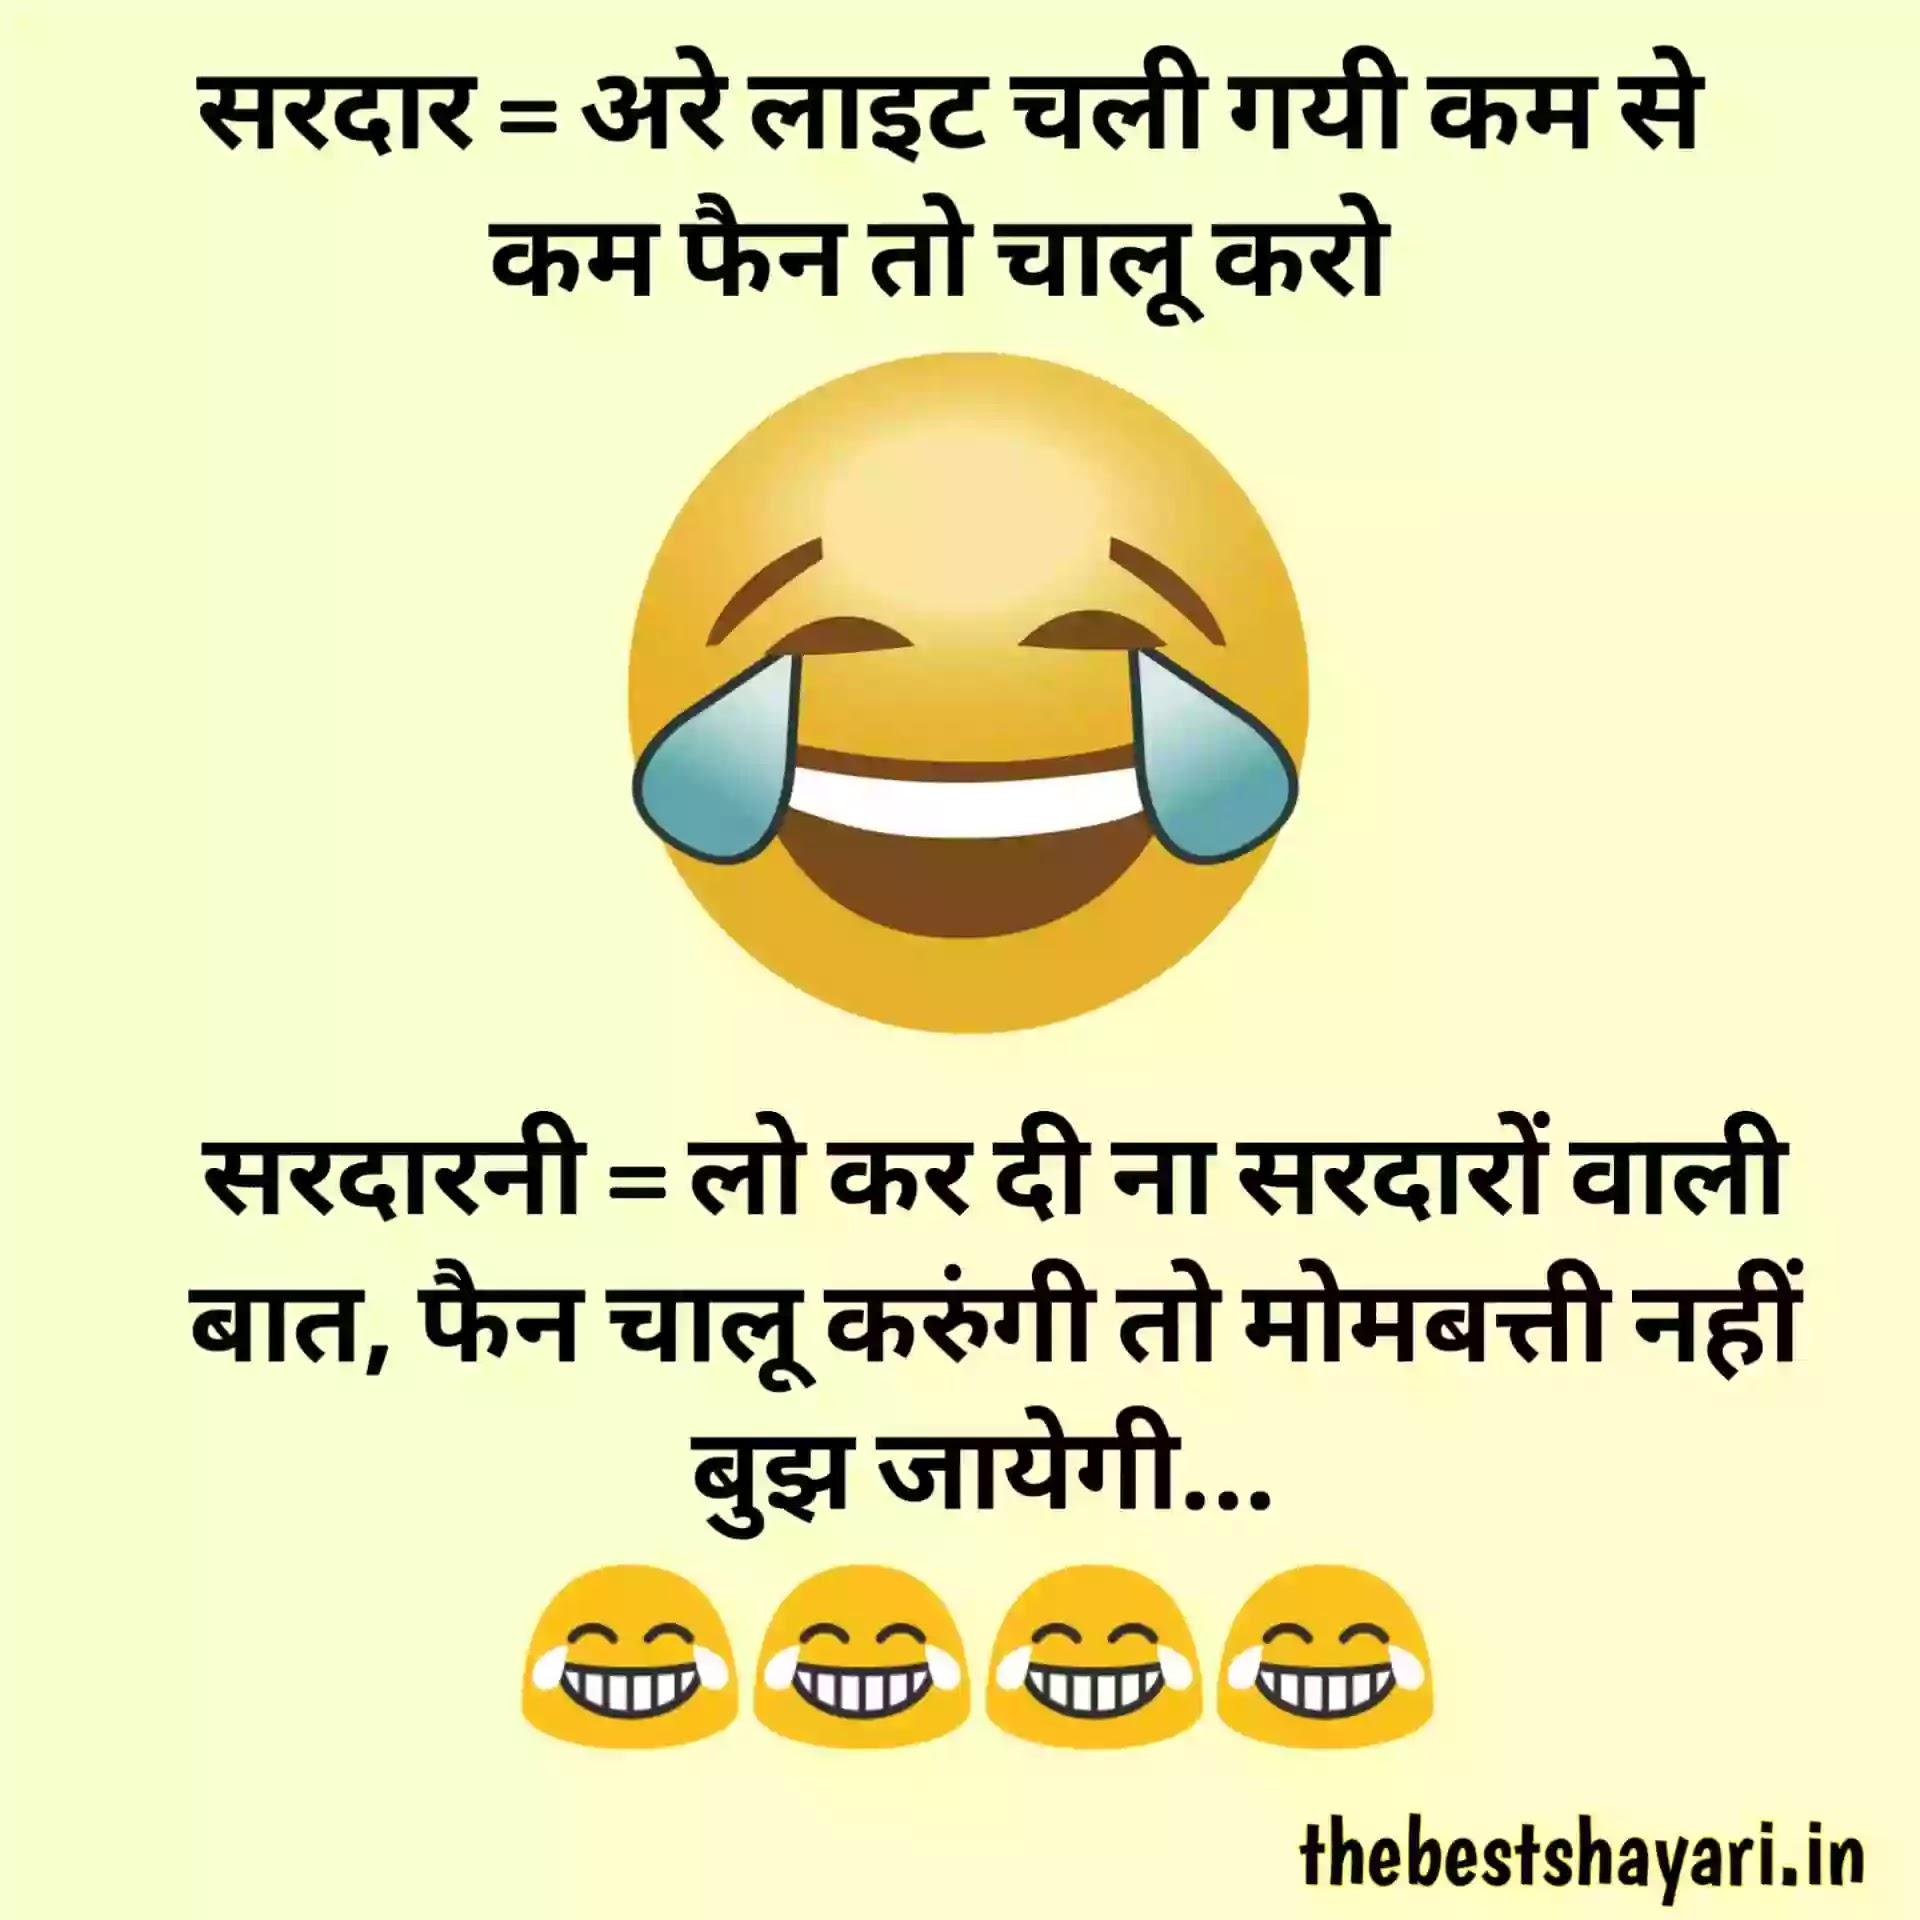 Funny jokes on friendship in Hindi